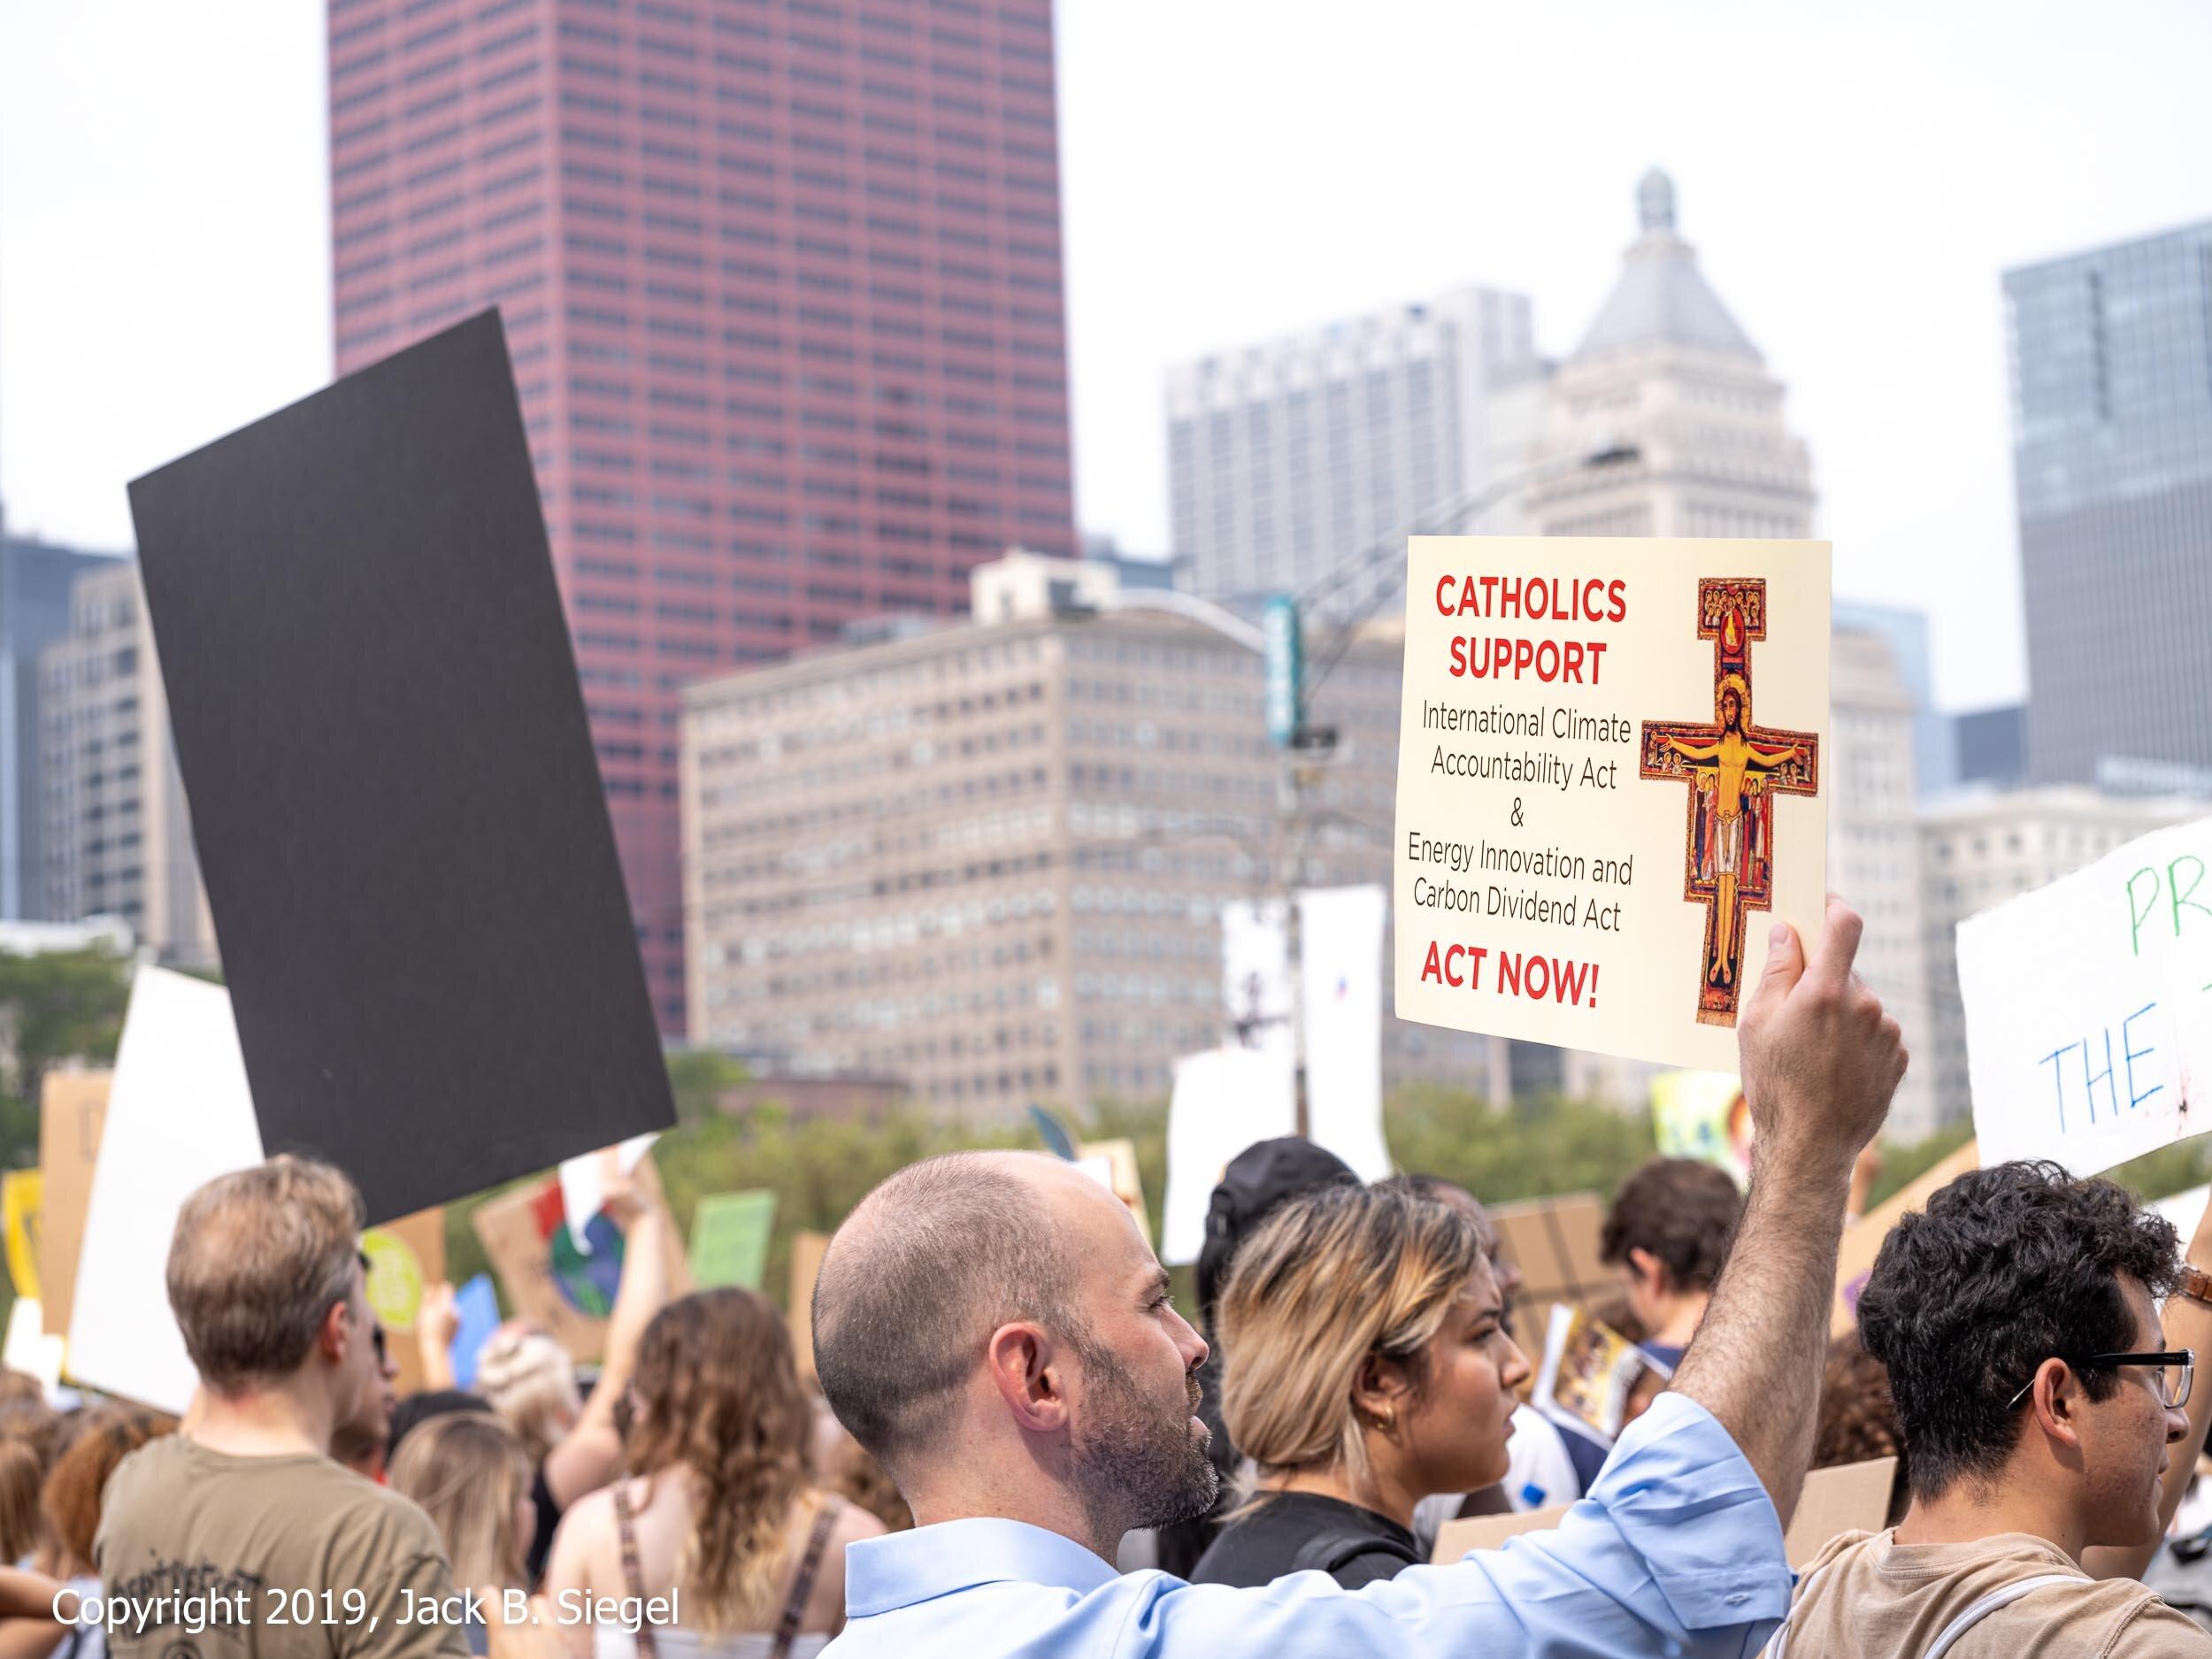 Catholic Support